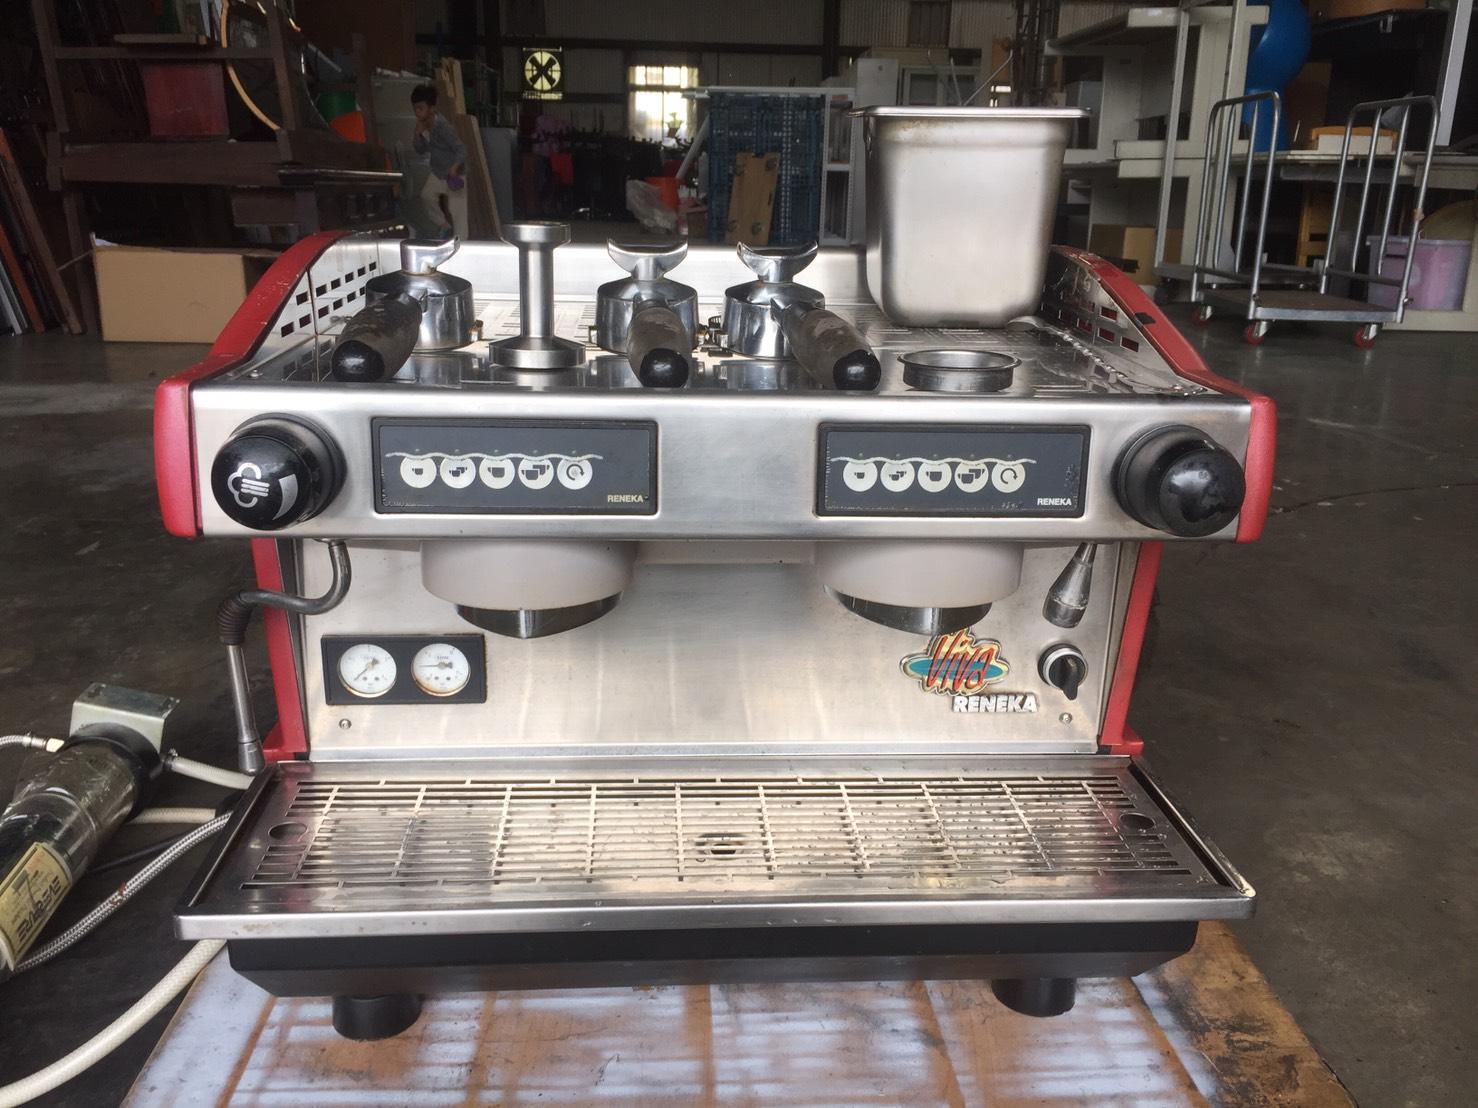 桃園國際二手貨中心---RENEKA  義式2孔咖啡機 / 半自動咖啡機 / 營業用咖啡機 / 拿鐵.義式咖啡專用~